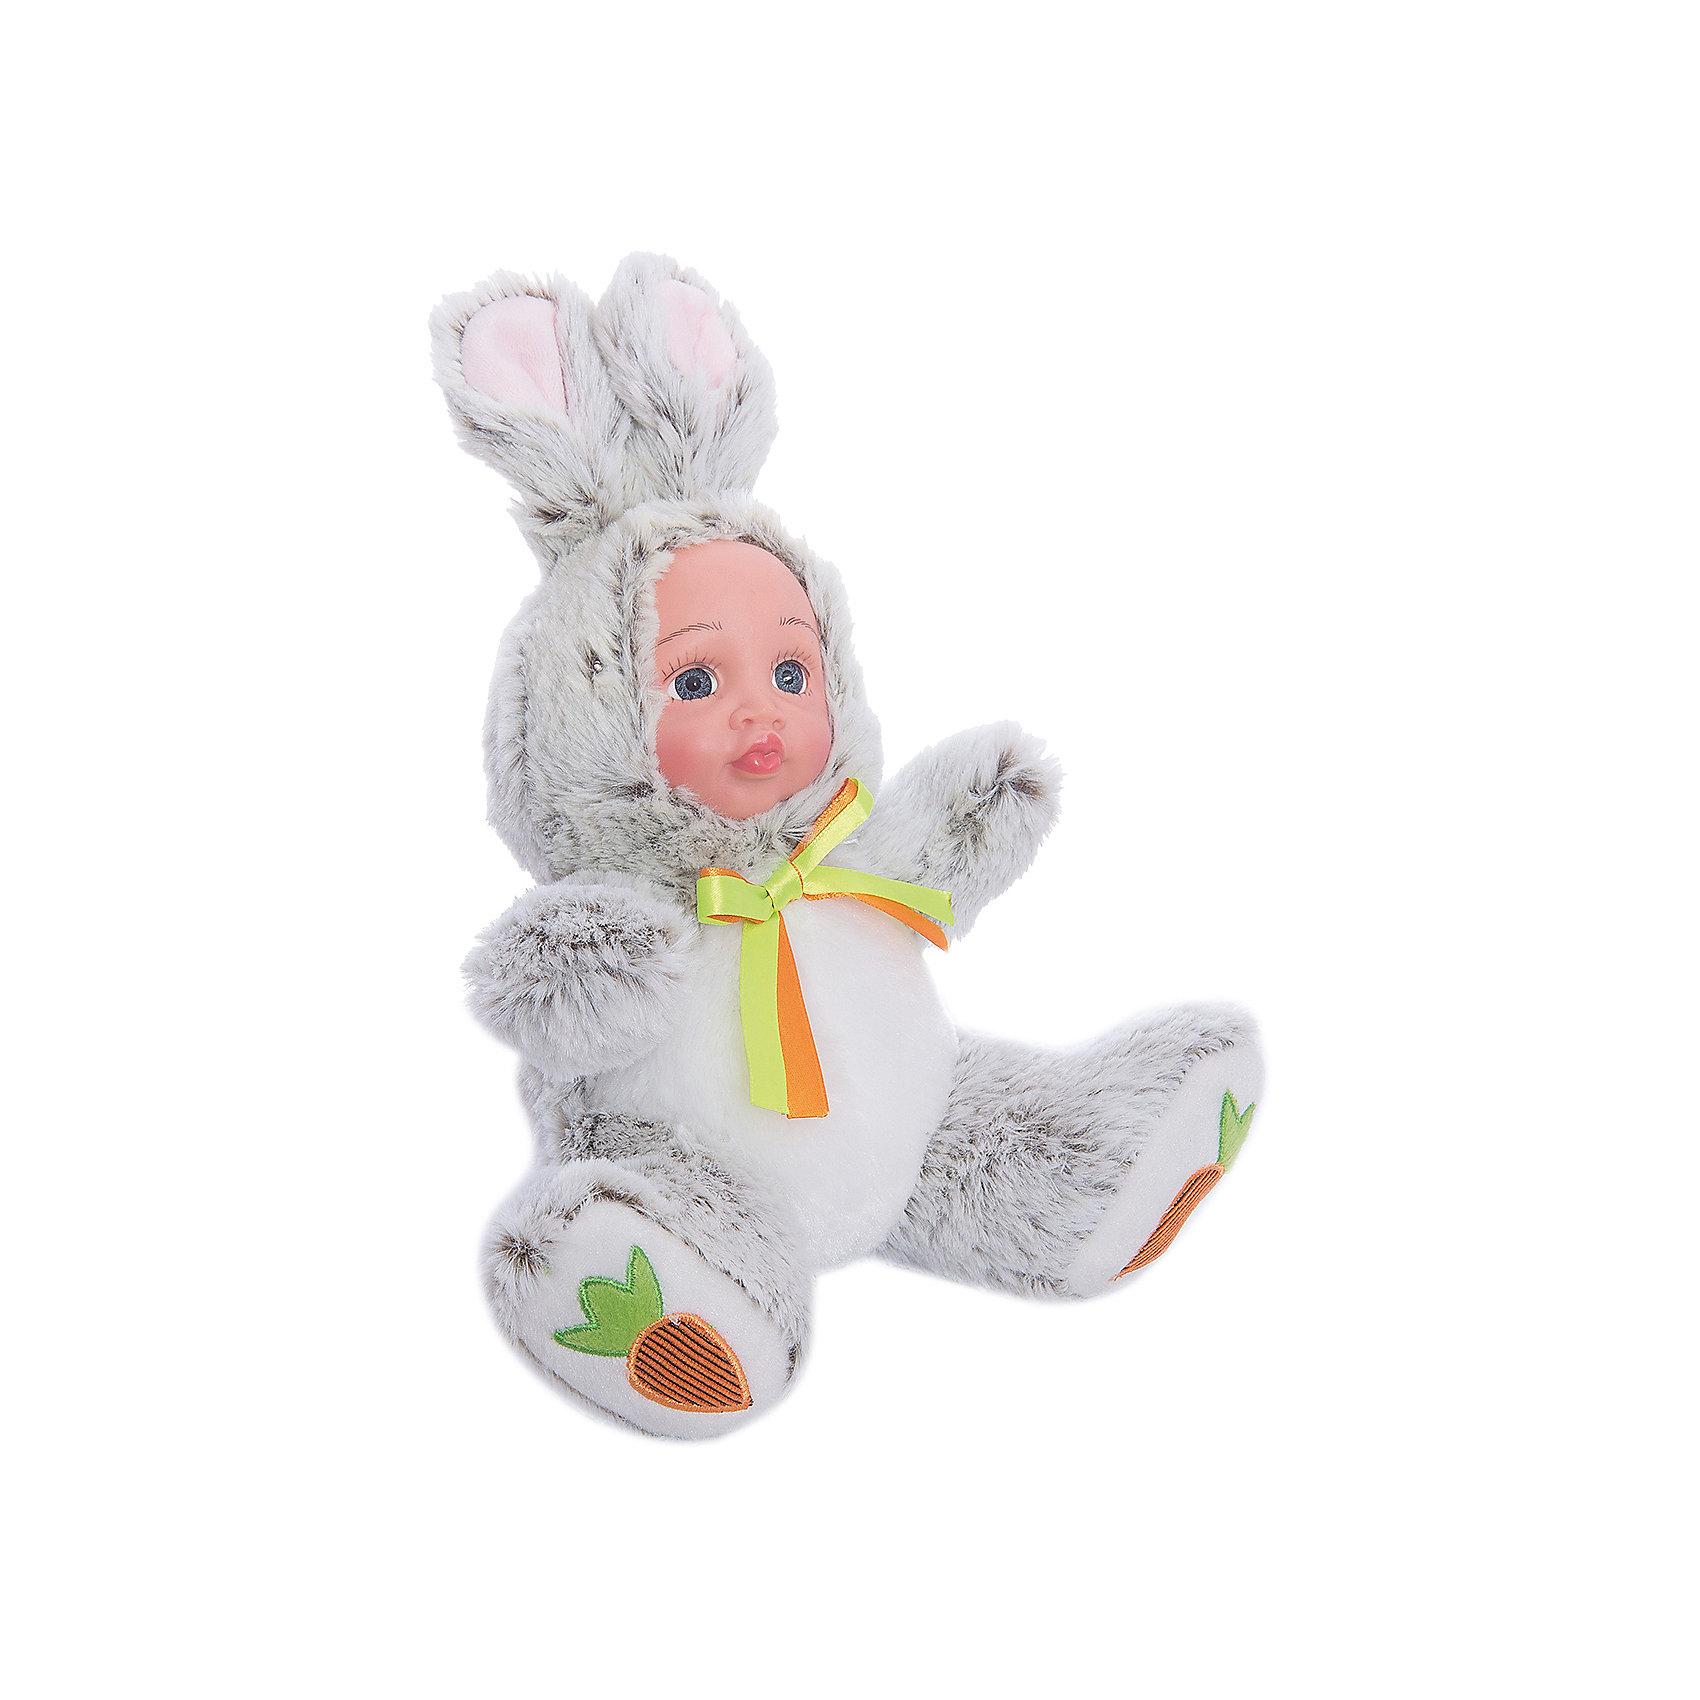 Игрушка Мой зайчонок, Fluffy FamilyМягкие куклы<br>Такая игрушка - милая вариация стандартной куклы–младенца. Малыш выполнен из пластика и тщательно прорисованным личиком. Одета кукла в костюм совенка. Ткань приятна на ощупь и малышу понравится играть с куклой. Игрушка подходит для одиночной игры малыша и для игр в компании. Не содержит мелких деталей. Кукла из коллекционной серии. Соберите весь набор! Материалы, использованные при изготовлении товара, абсолютно безопасны и отвечают всем международным требованиям по качеству.<br><br>Дополнительные характеристики:<br><br>материал: ПВХ, искусственный мех, пластик;<br>габариты: 20 X 9 X 30 см;<br>наполнитель: полиэтиленовые гранулы.<br><br>Игрушку Мой зайчонок от компании Fluffy Family можно приобрести в нашем магазине.<br><br>Ширина мм: 570<br>Глубина мм: 580<br>Высота мм: 450<br>Вес г: 143<br>Возраст от месяцев: 36<br>Возраст до месяцев: 96<br>Пол: Унисекс<br>Возраст: Детский<br>SKU: 5032465